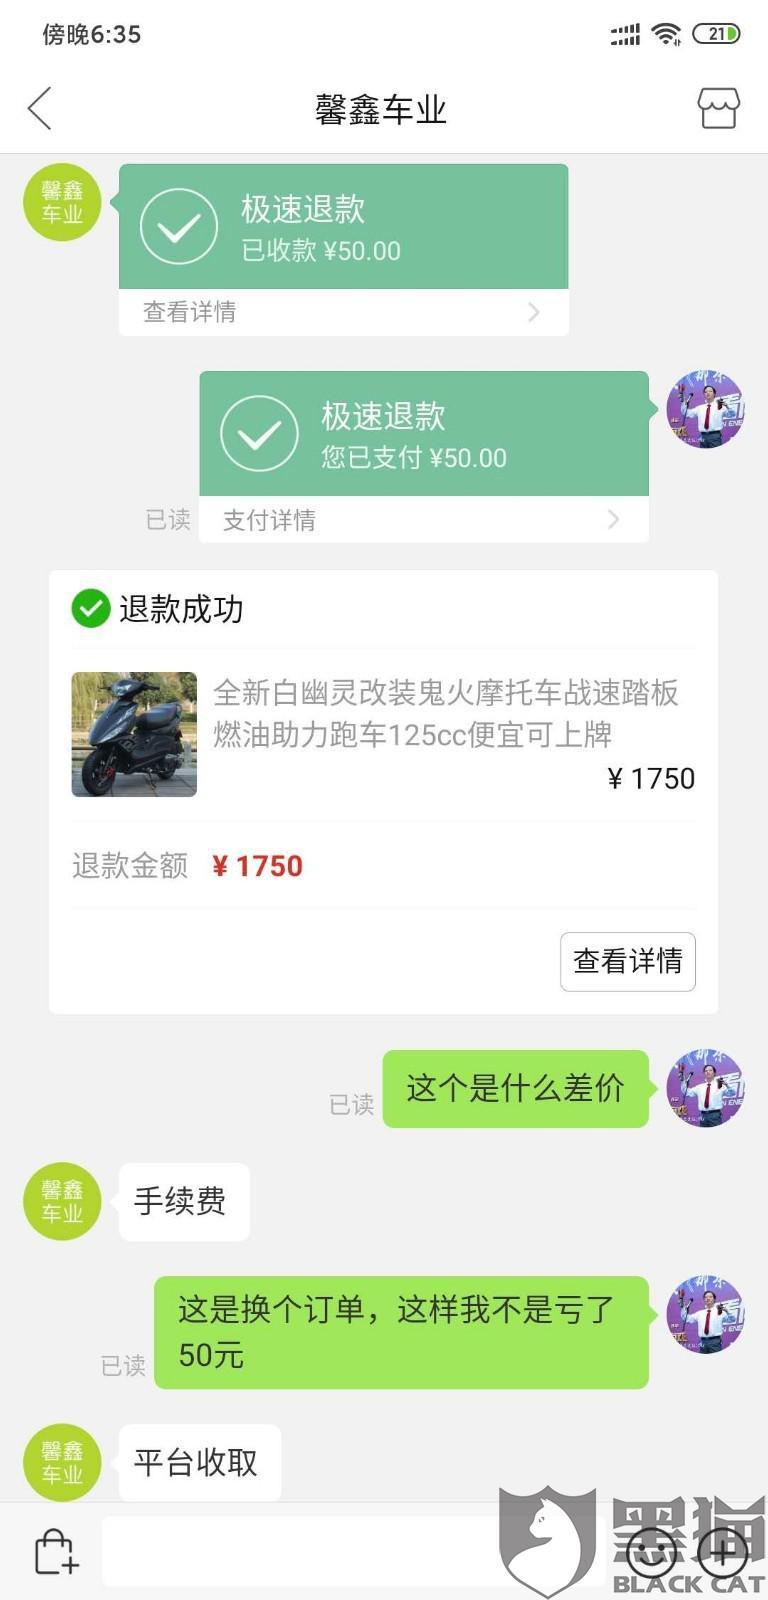 黑猫投诉:在馨鑫车业购买的摩托车退款是收取50元手续费